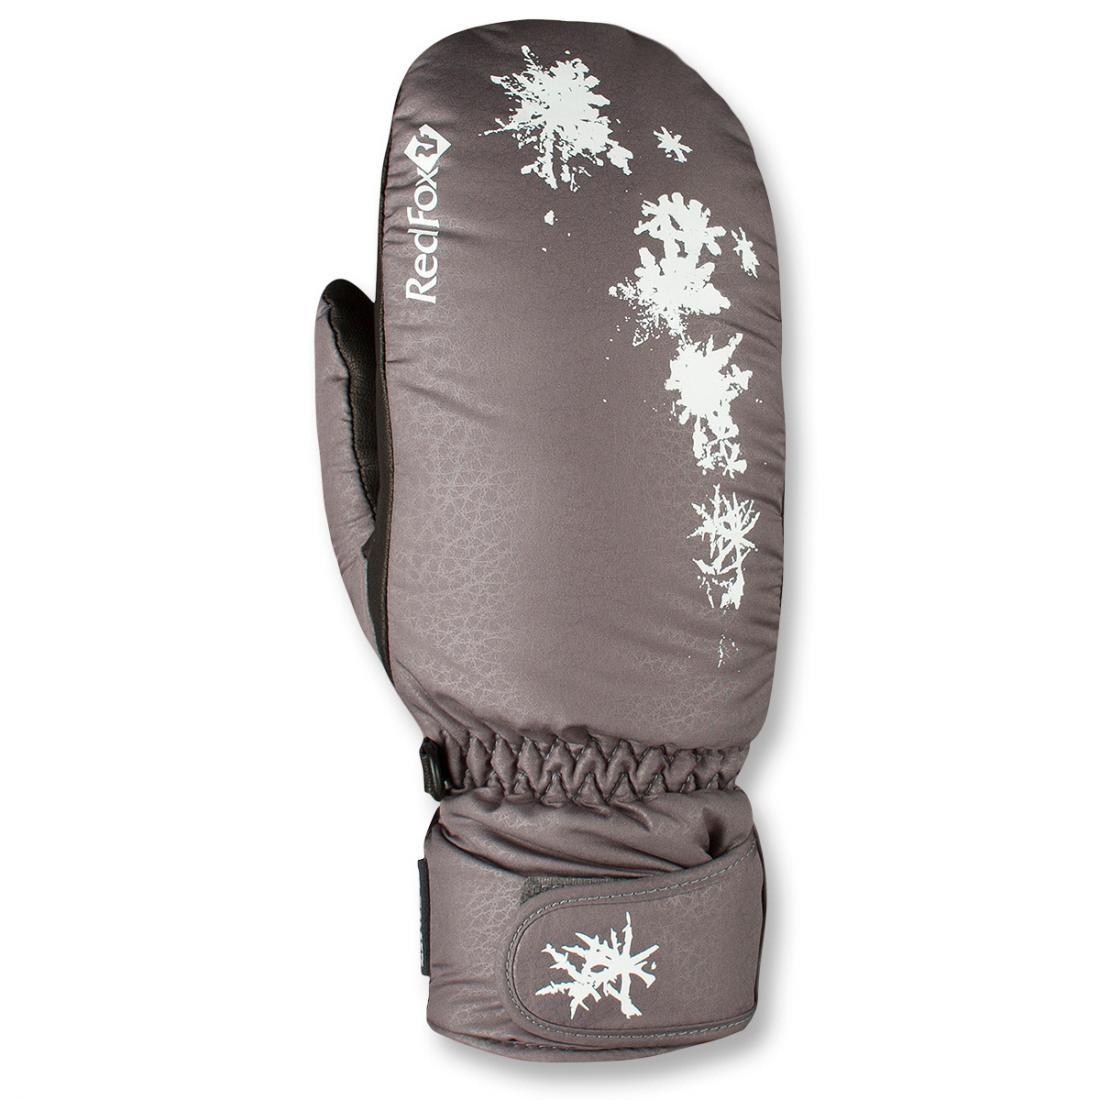 Рукавицы утепленные Paradise II ЖенскиеВарежки<br><br> Прогулочные утепленные рукавицы с рким дизайном<br><br><br> Основные характеристики<br><br><br>манжет с регулировкой объема на липучке<br>усилени в области ладони<br>карабин дл креплени рукавиц к одежде или ме...<br><br>Цвет: Серый<br>Размер: S